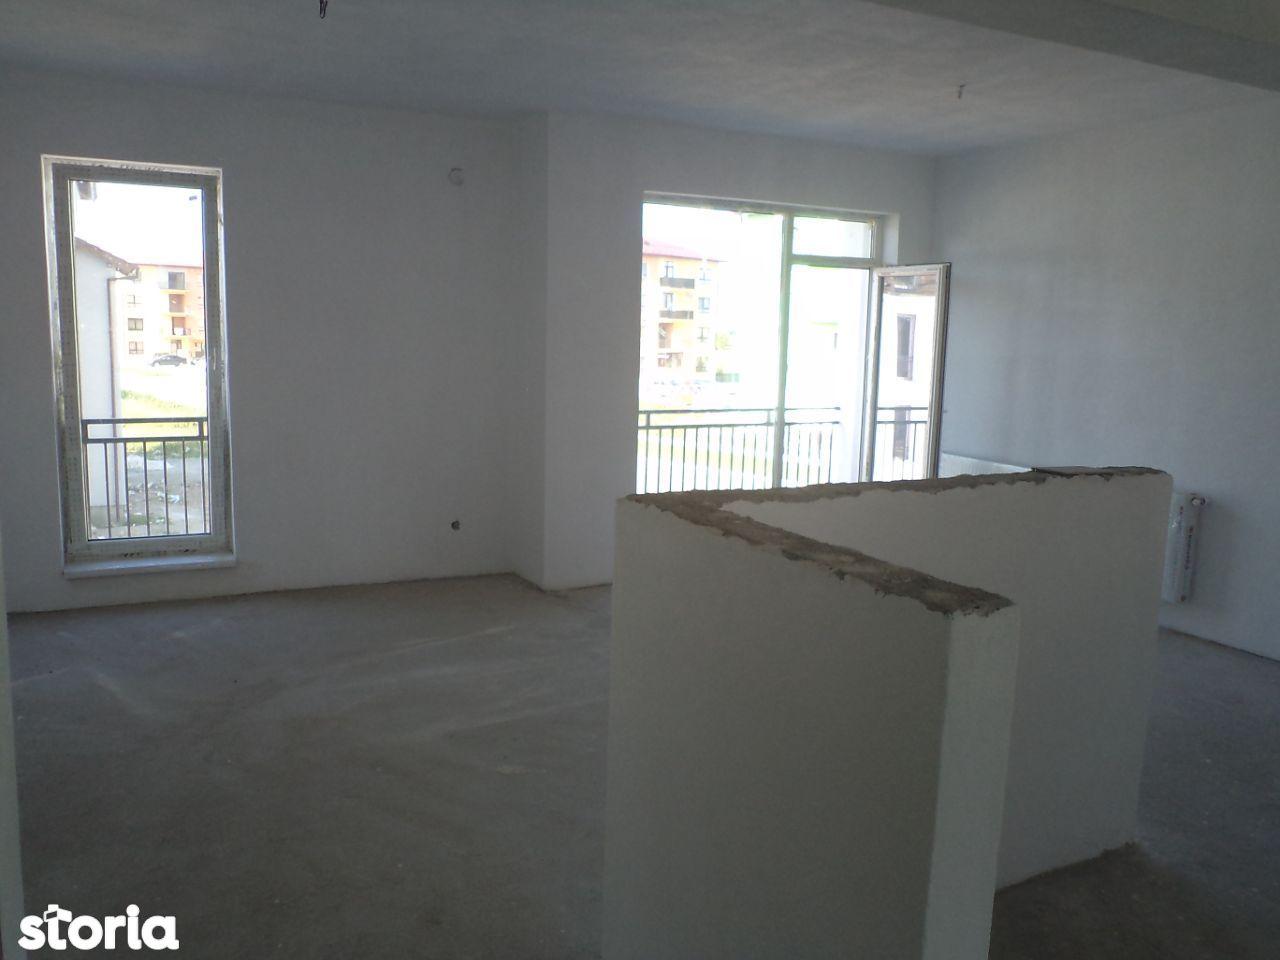 Dezvoltator apartam mare 3 cam 2 bai et 1 la alb 76mp balcon 8mp